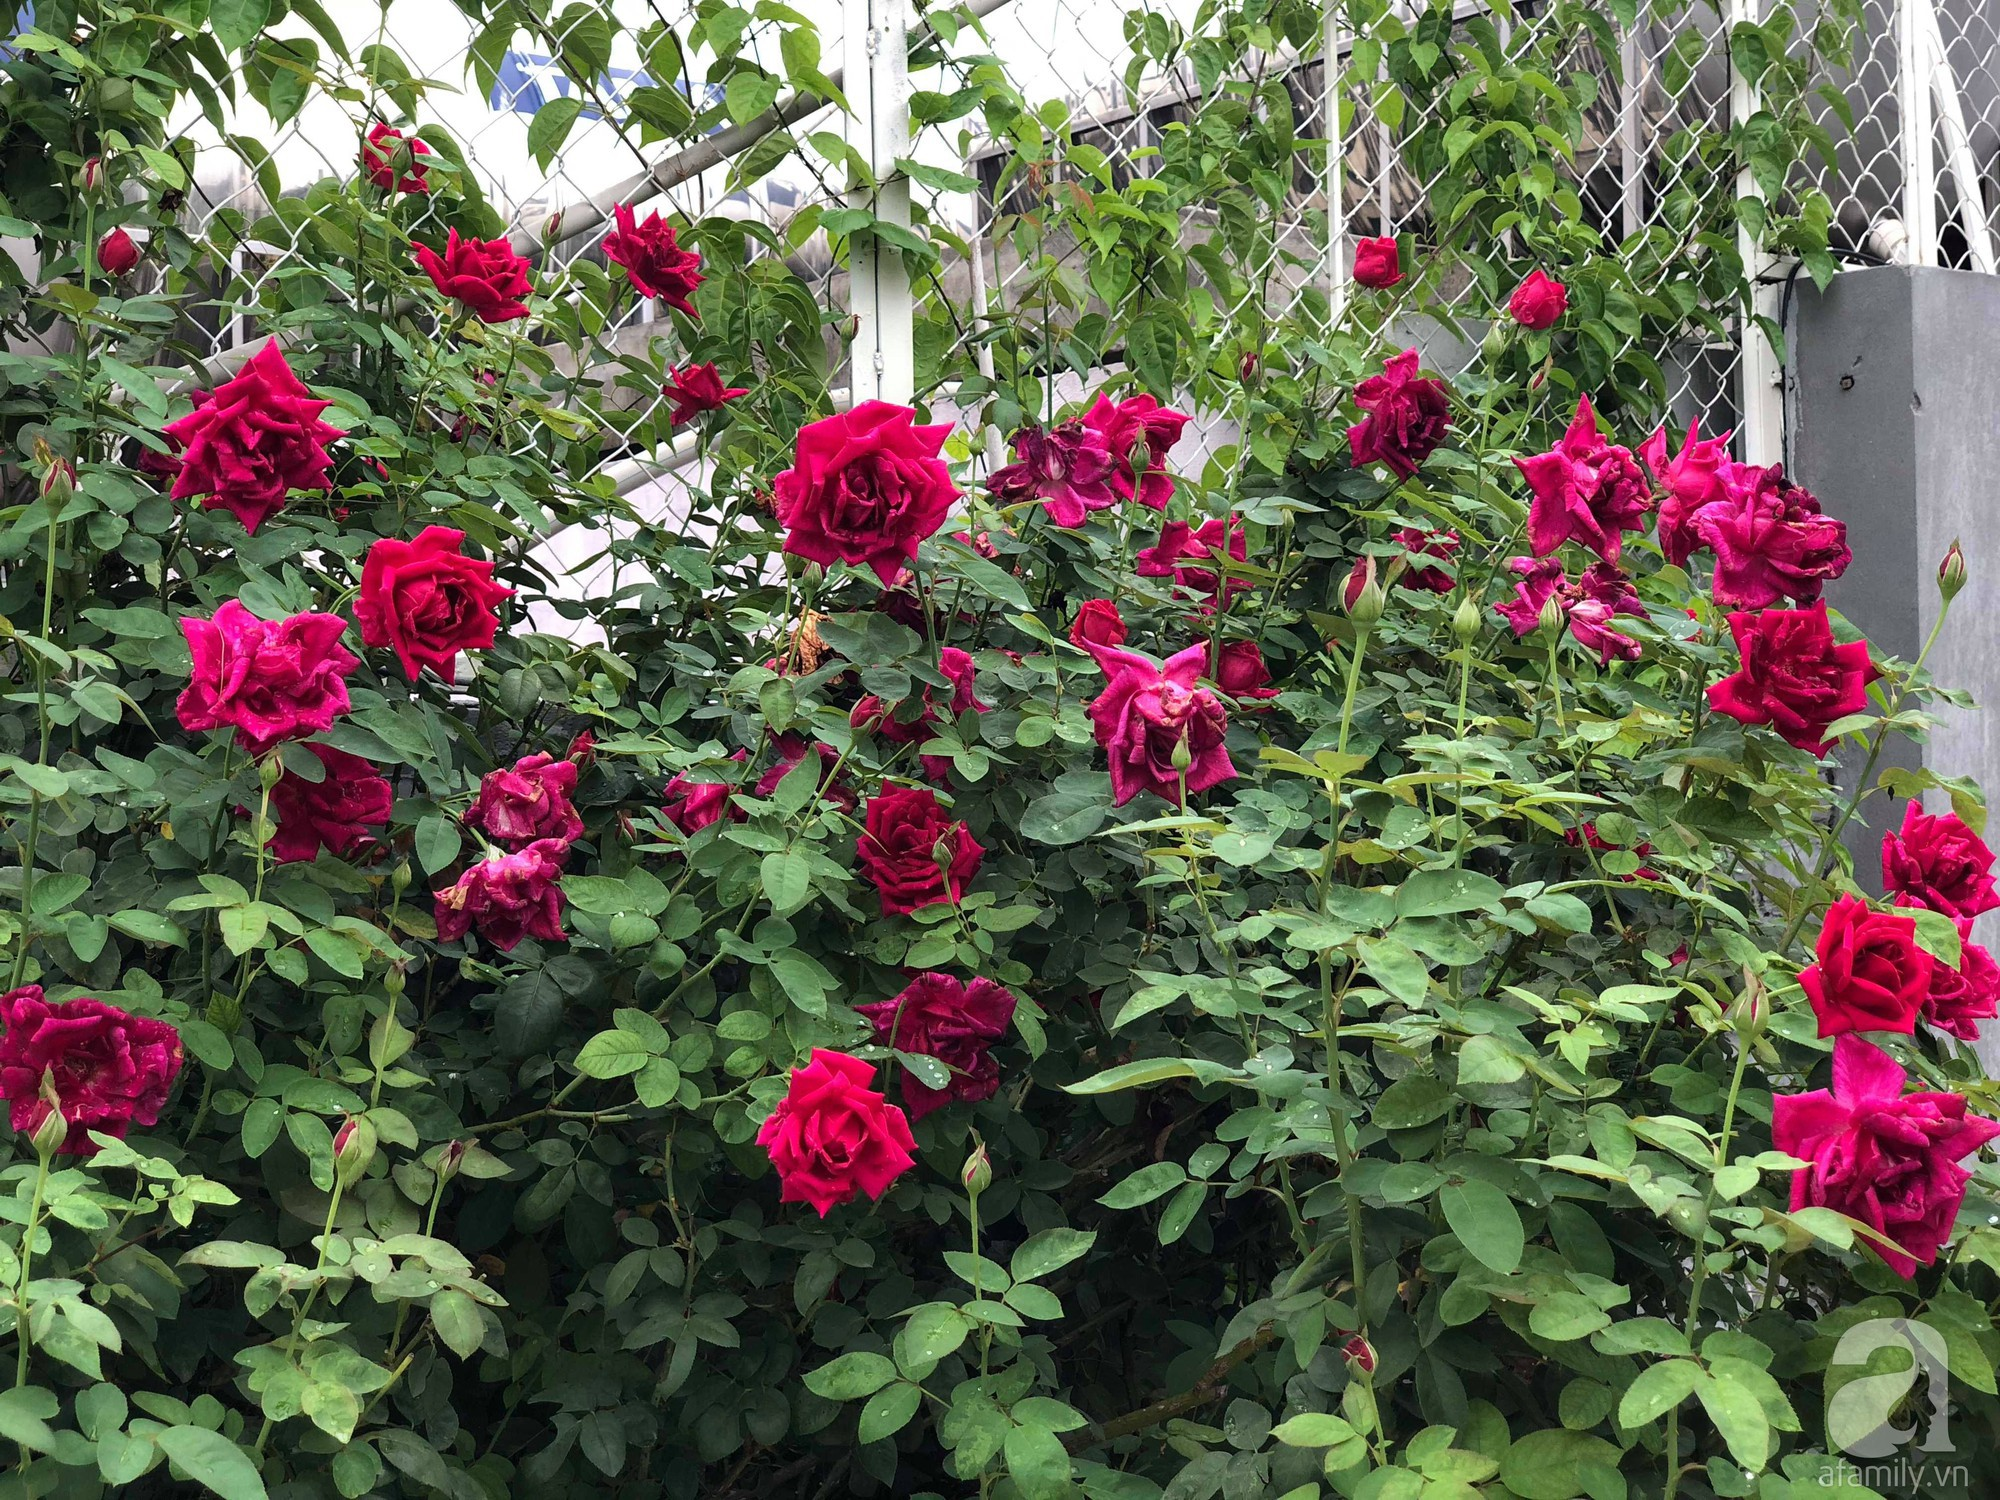 Khu vườn trên sân thượng rộng 200m² đẹp ngỡ ngàng với trăm loài hoa đua nhau khoe sắc ở Hà Nội - 30